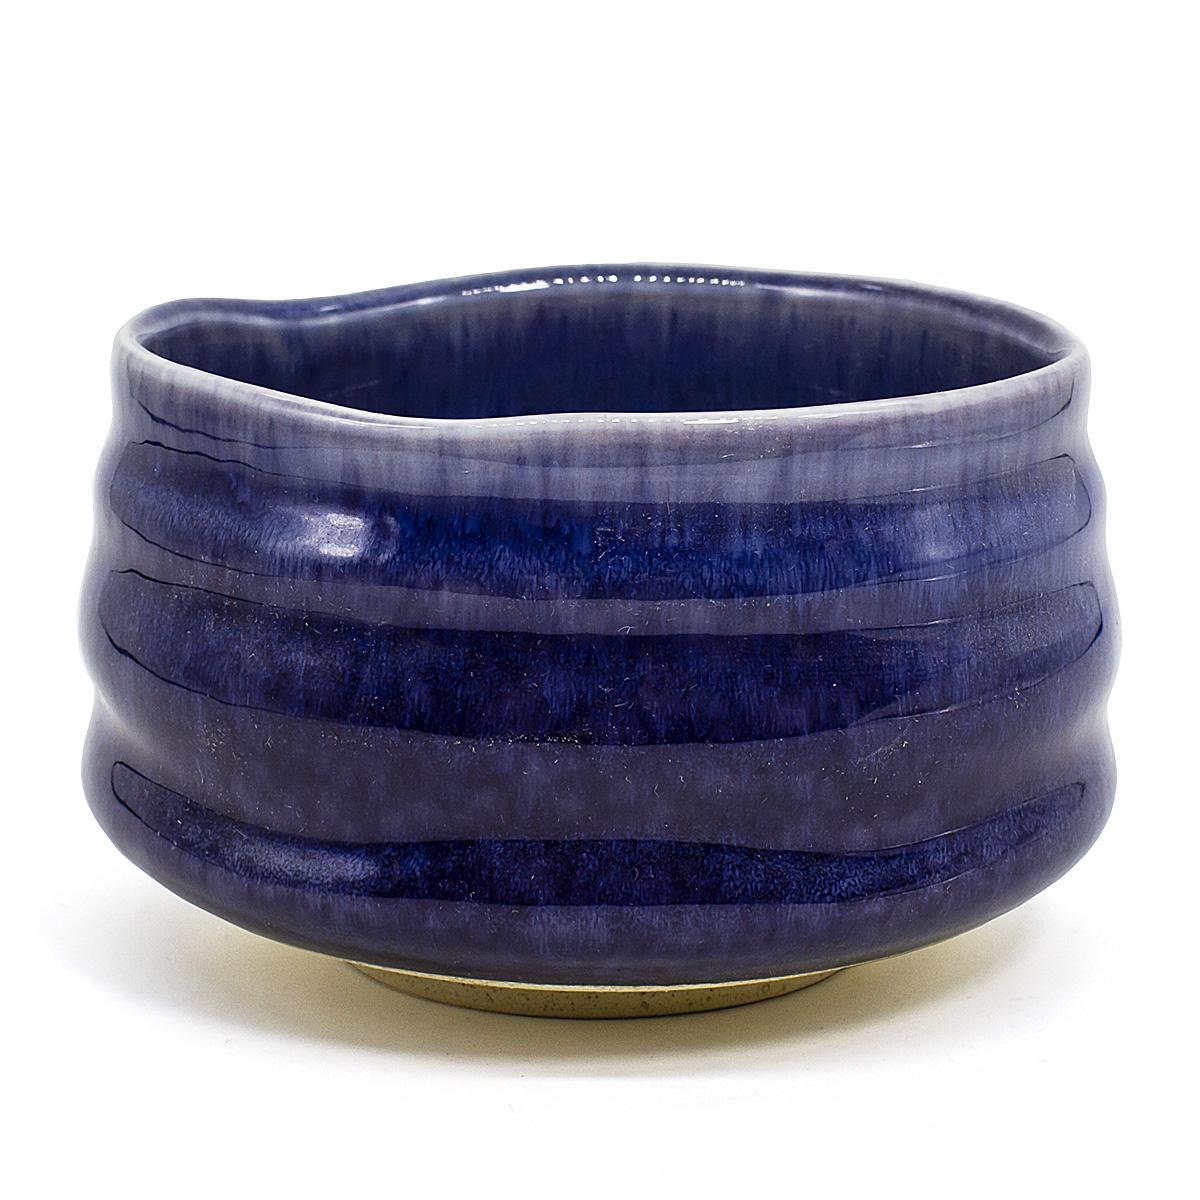 Чаша для матча керамическая, синяя, 500 мл чаша для матча керамическая голубая 500 мл